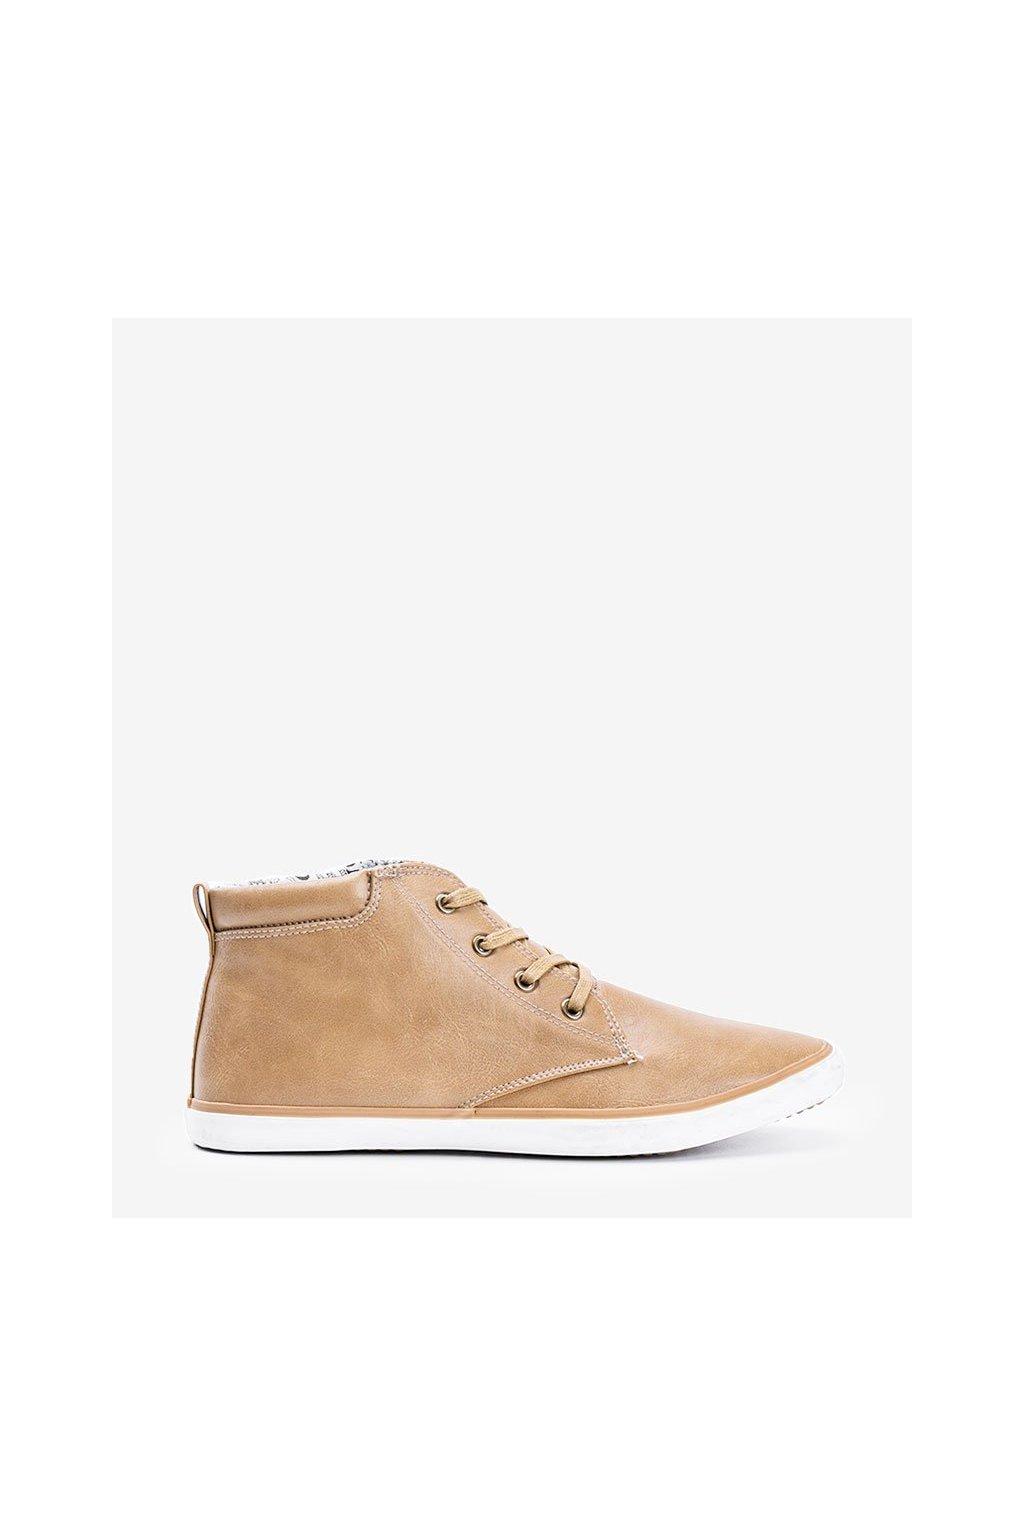 Pánske topánky tenisky hnedé kód 004 - GM